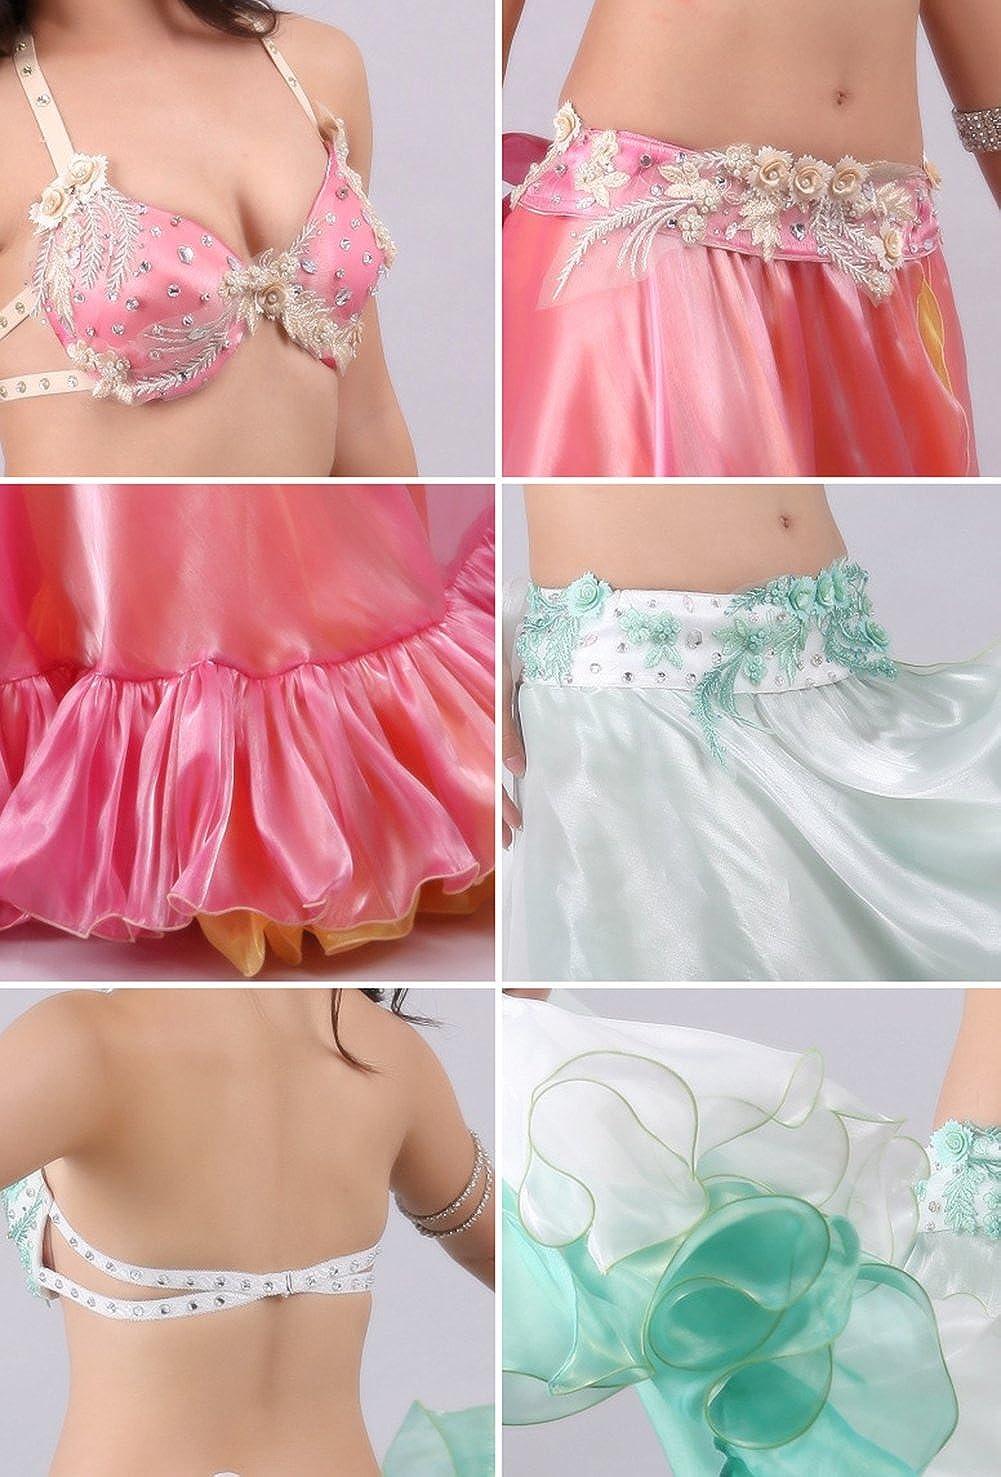 Lace Kids Girls Cotton Gymnastics Leotards 3-12Y Ballet Dance Leotards Baiwu